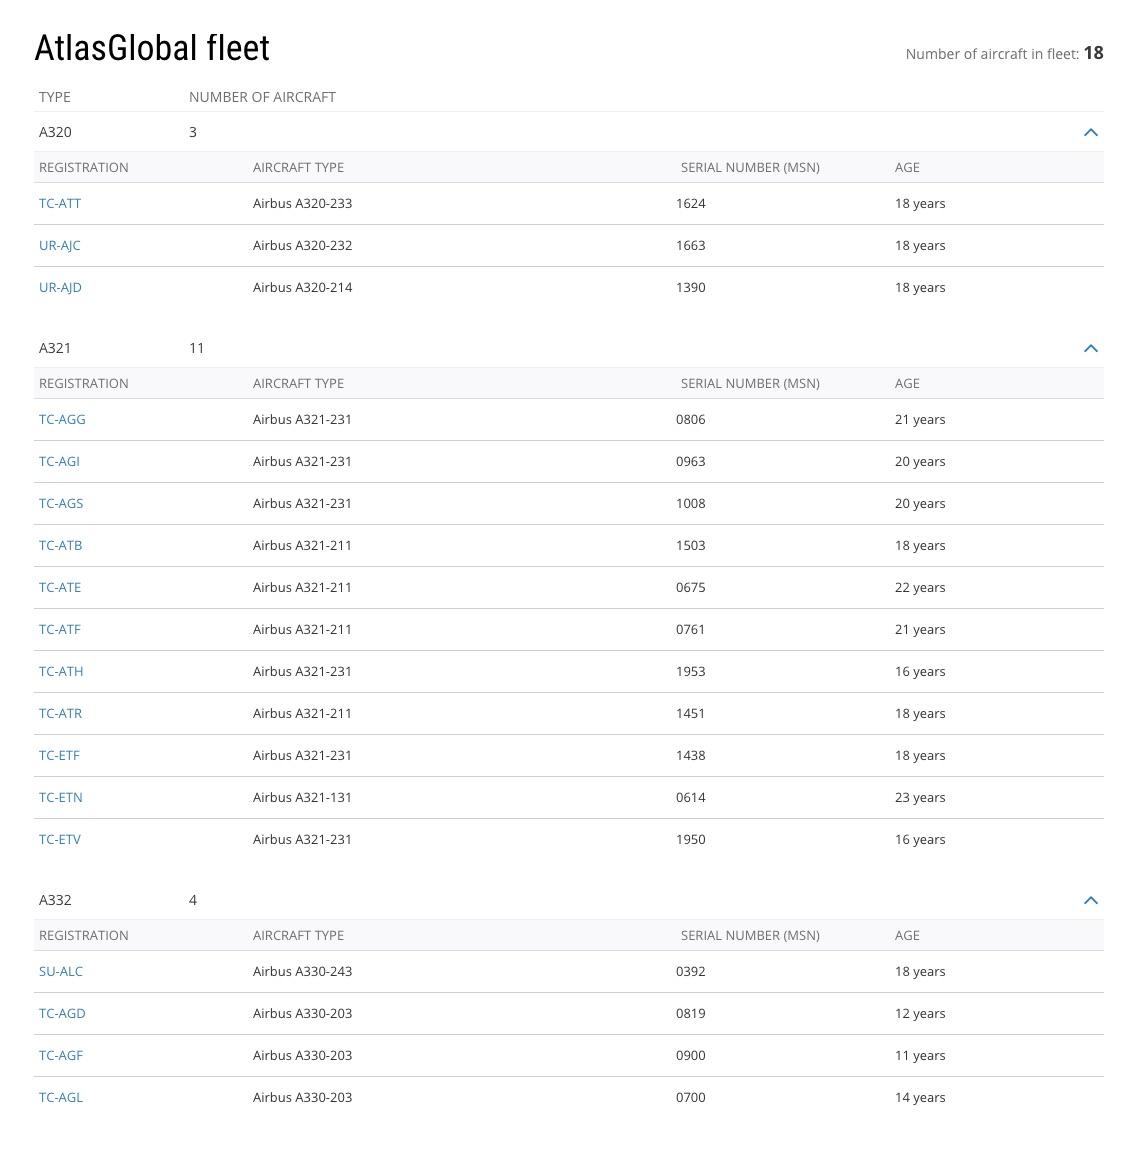 The AltasGlobal fleet as of 26 November 2019